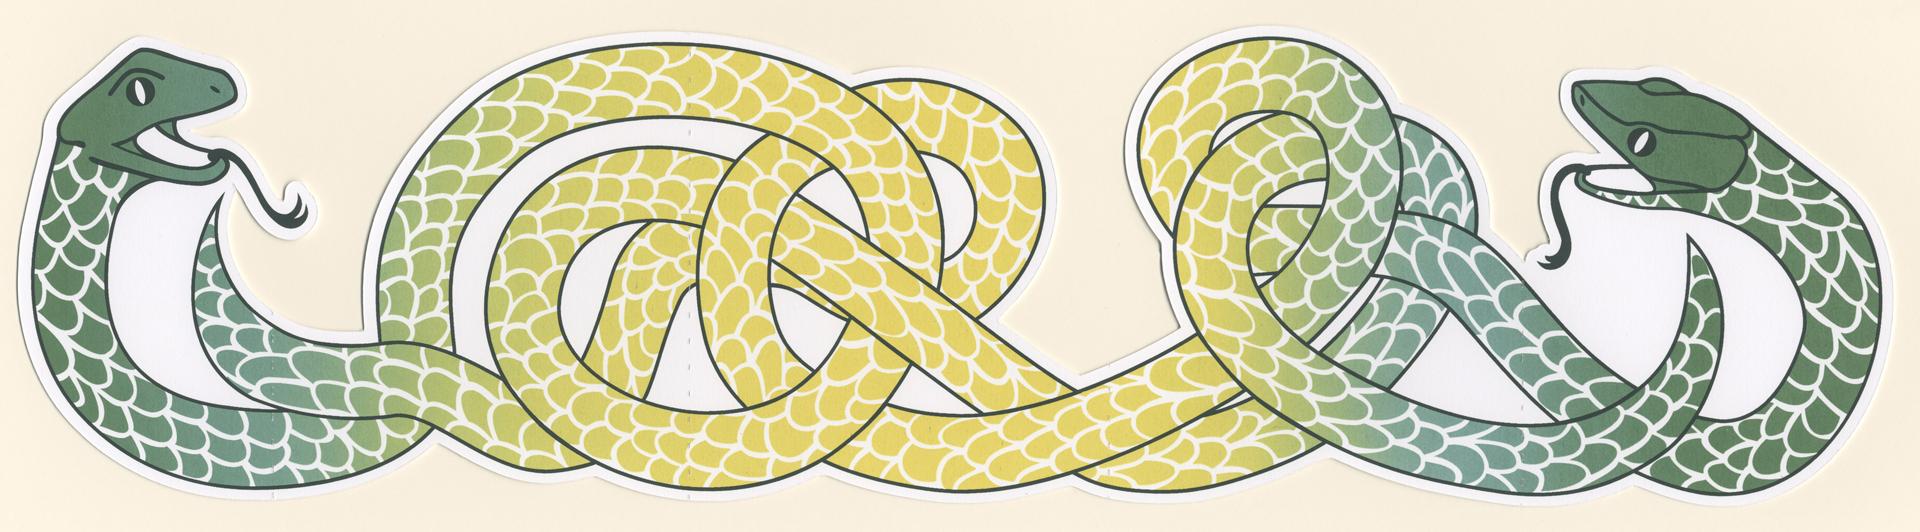 snakessss2